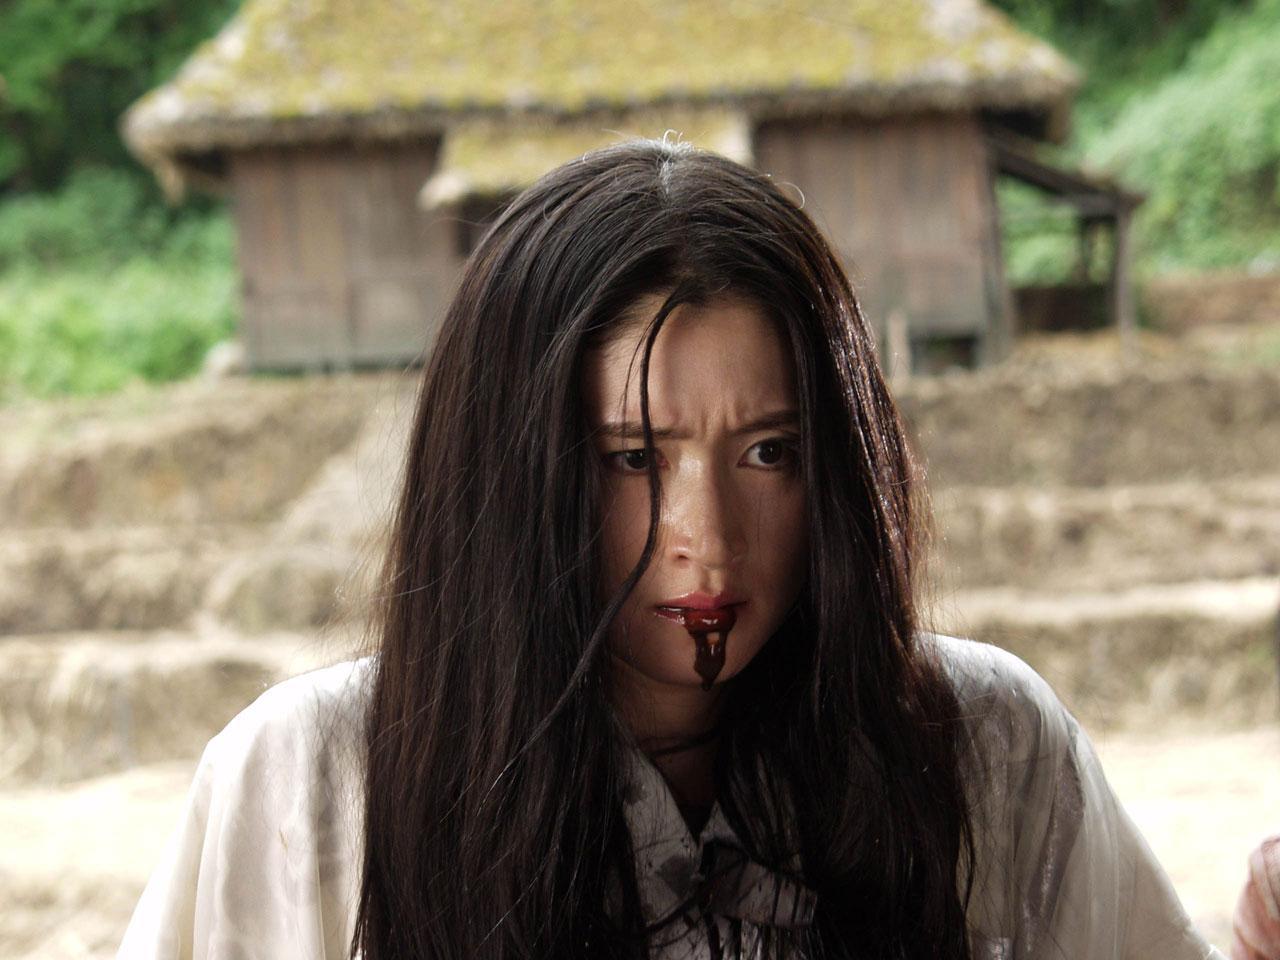 Poze Koyuki Actor Poza 23 Din 26 Cinemagia Ro